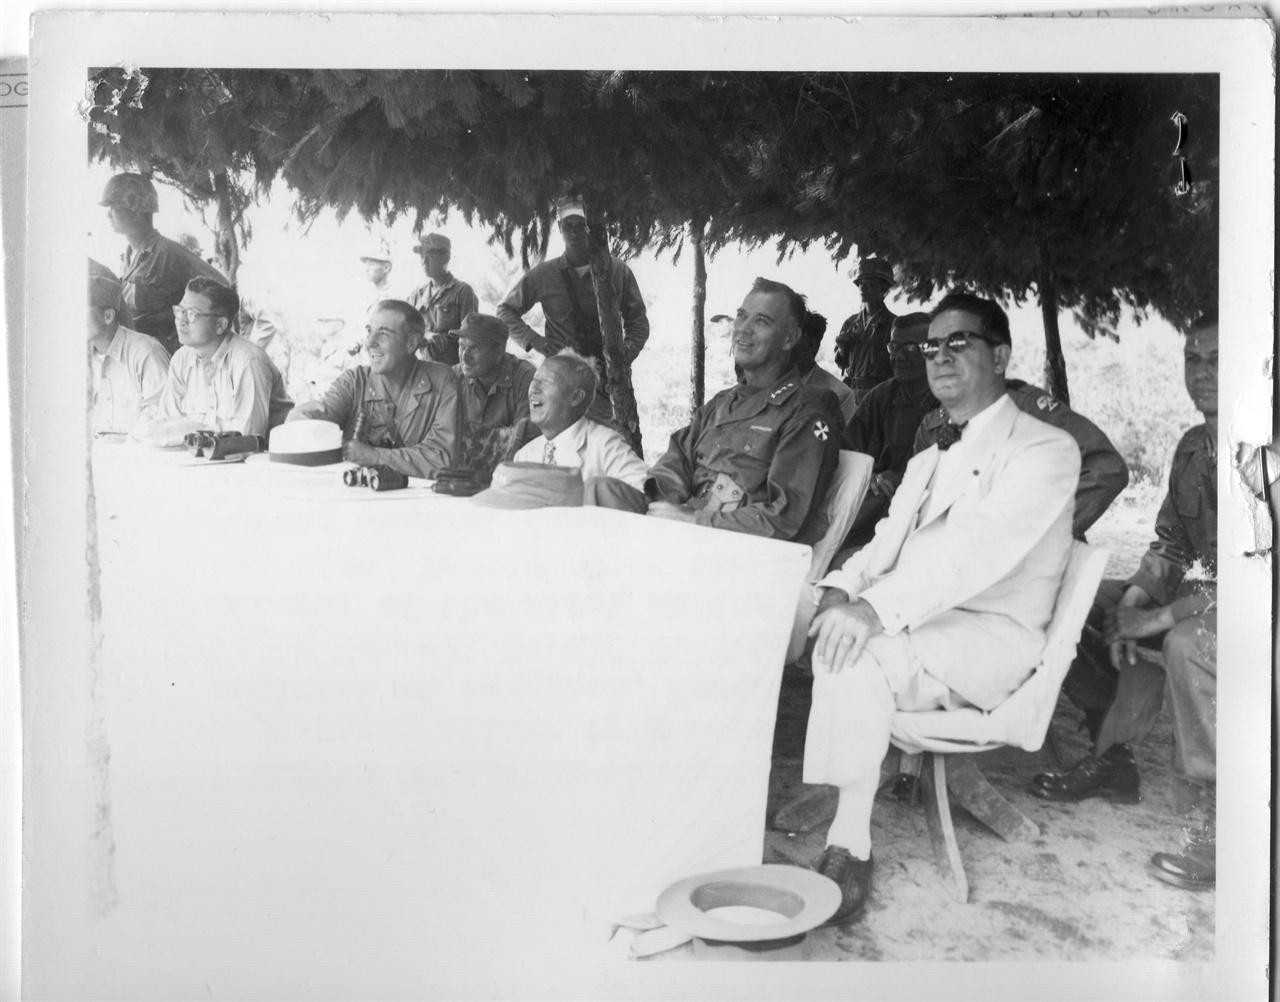 전방부대를 시찰 하는 한미 수뇌부(1951. 8. 22. 왼쪽부터 손원일 제독, 토마스 장군, 이승만 대통령, 밴프리트 장군, 무초 주한 미국대사).